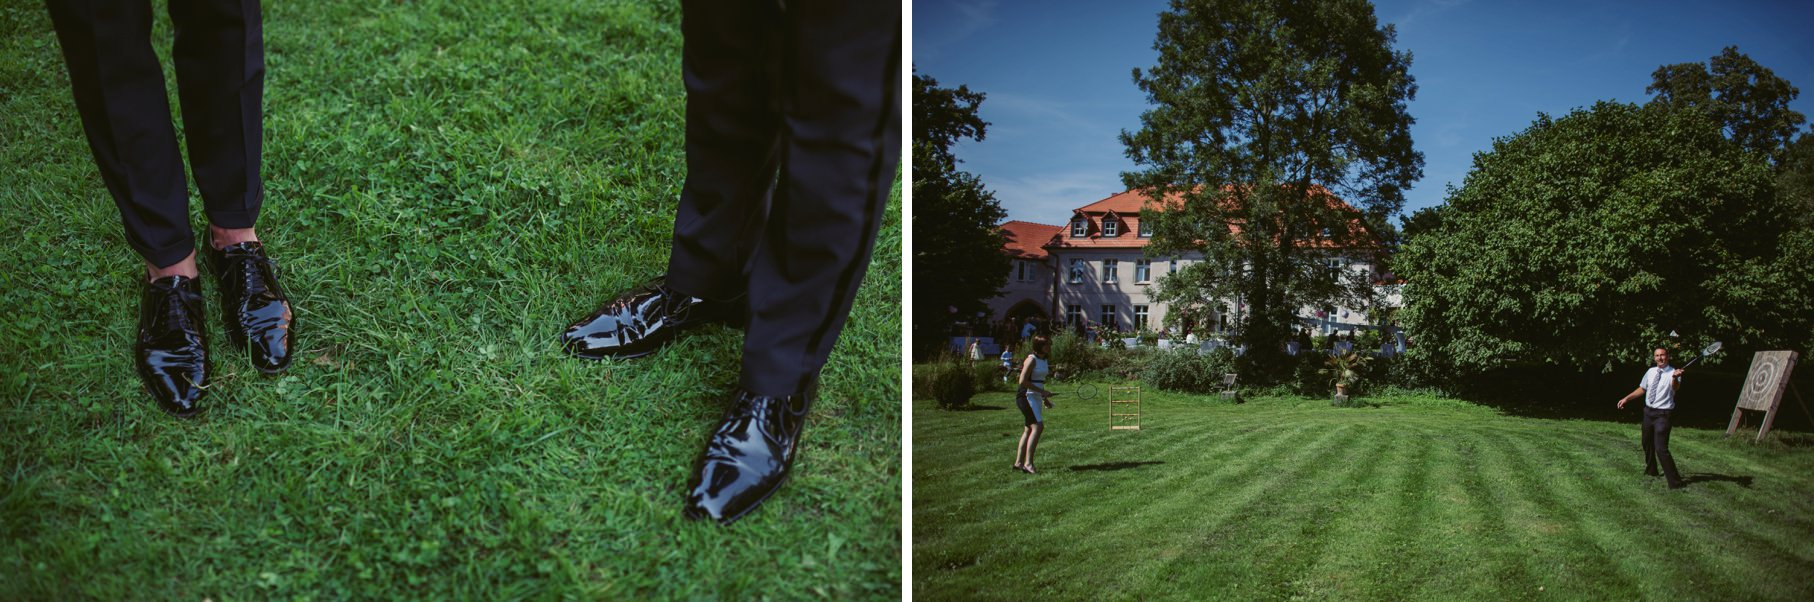 0061 schloss neuhausen hochzeitsfotograf hamburg anne bjoern - Hochzeit auf Schloss Neuhausen - Anne & Sebastian